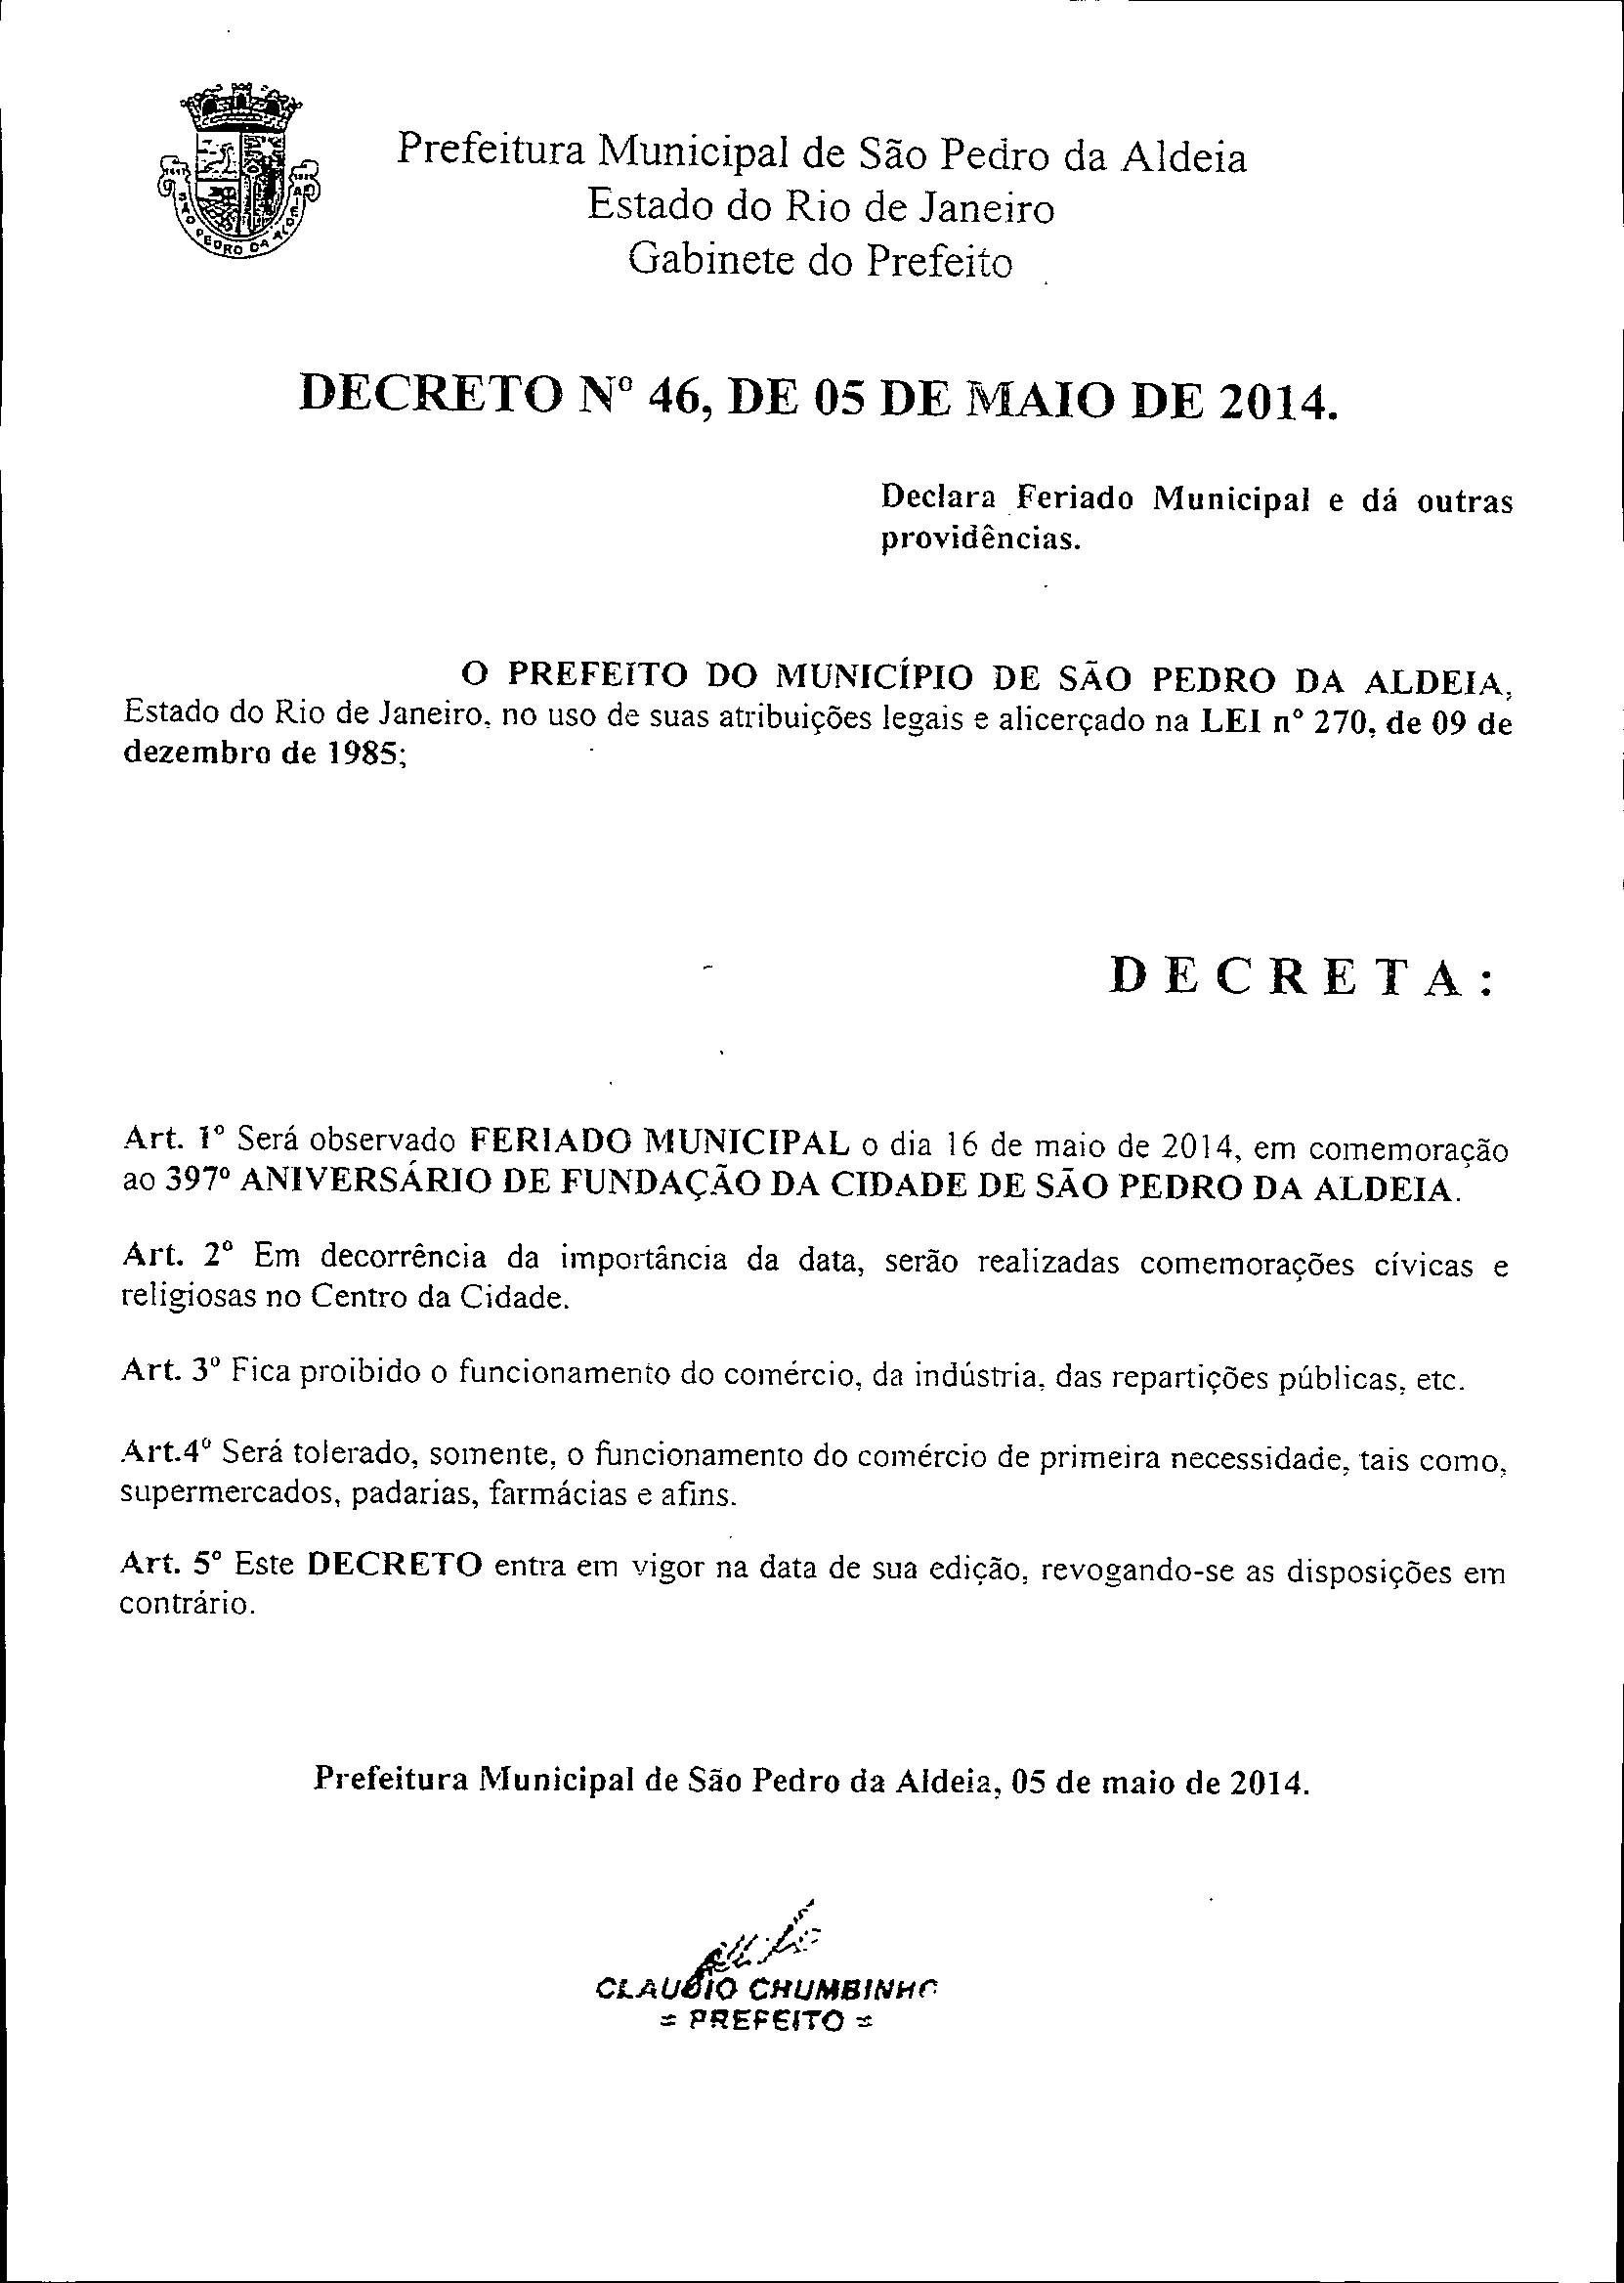 DECRETO 46 2014